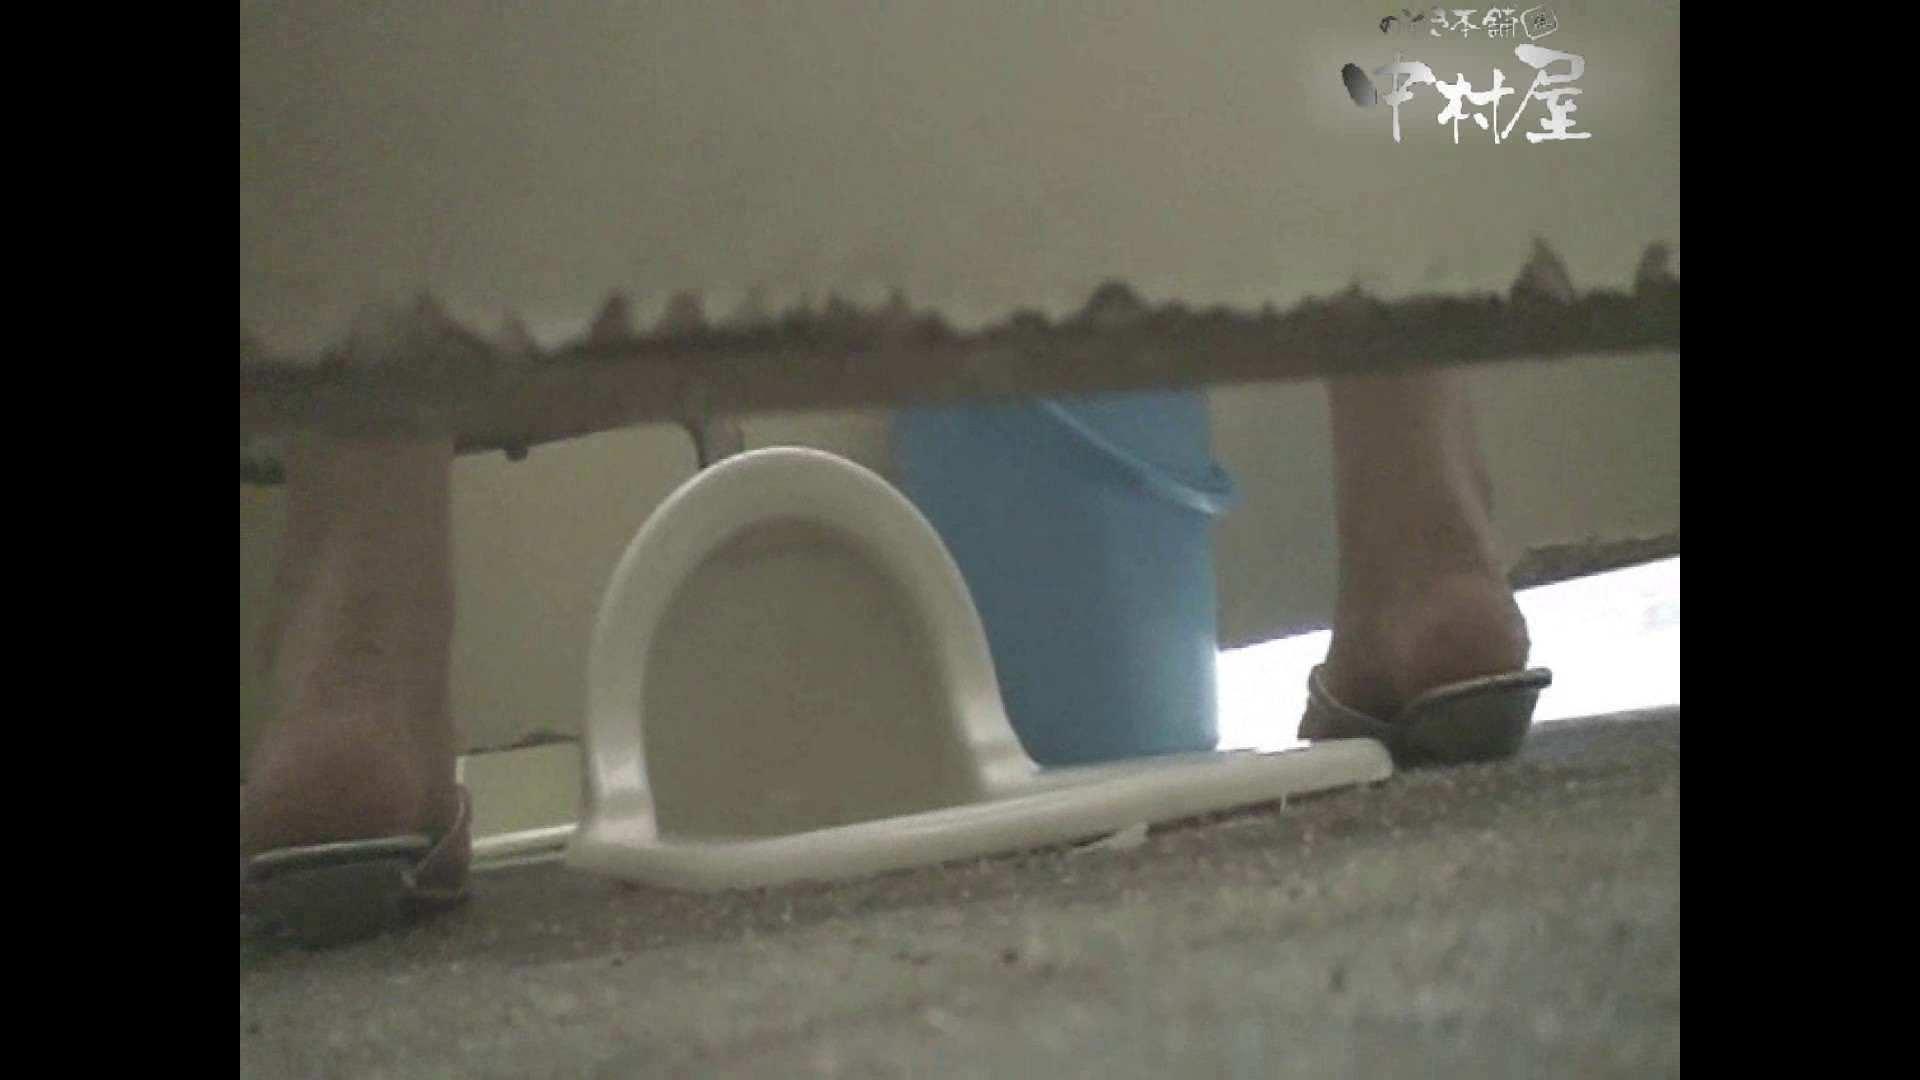 岩手県在住盗撮師盗撮記録vol.19 ハプニング セックス無修正動画無料 96pic 47